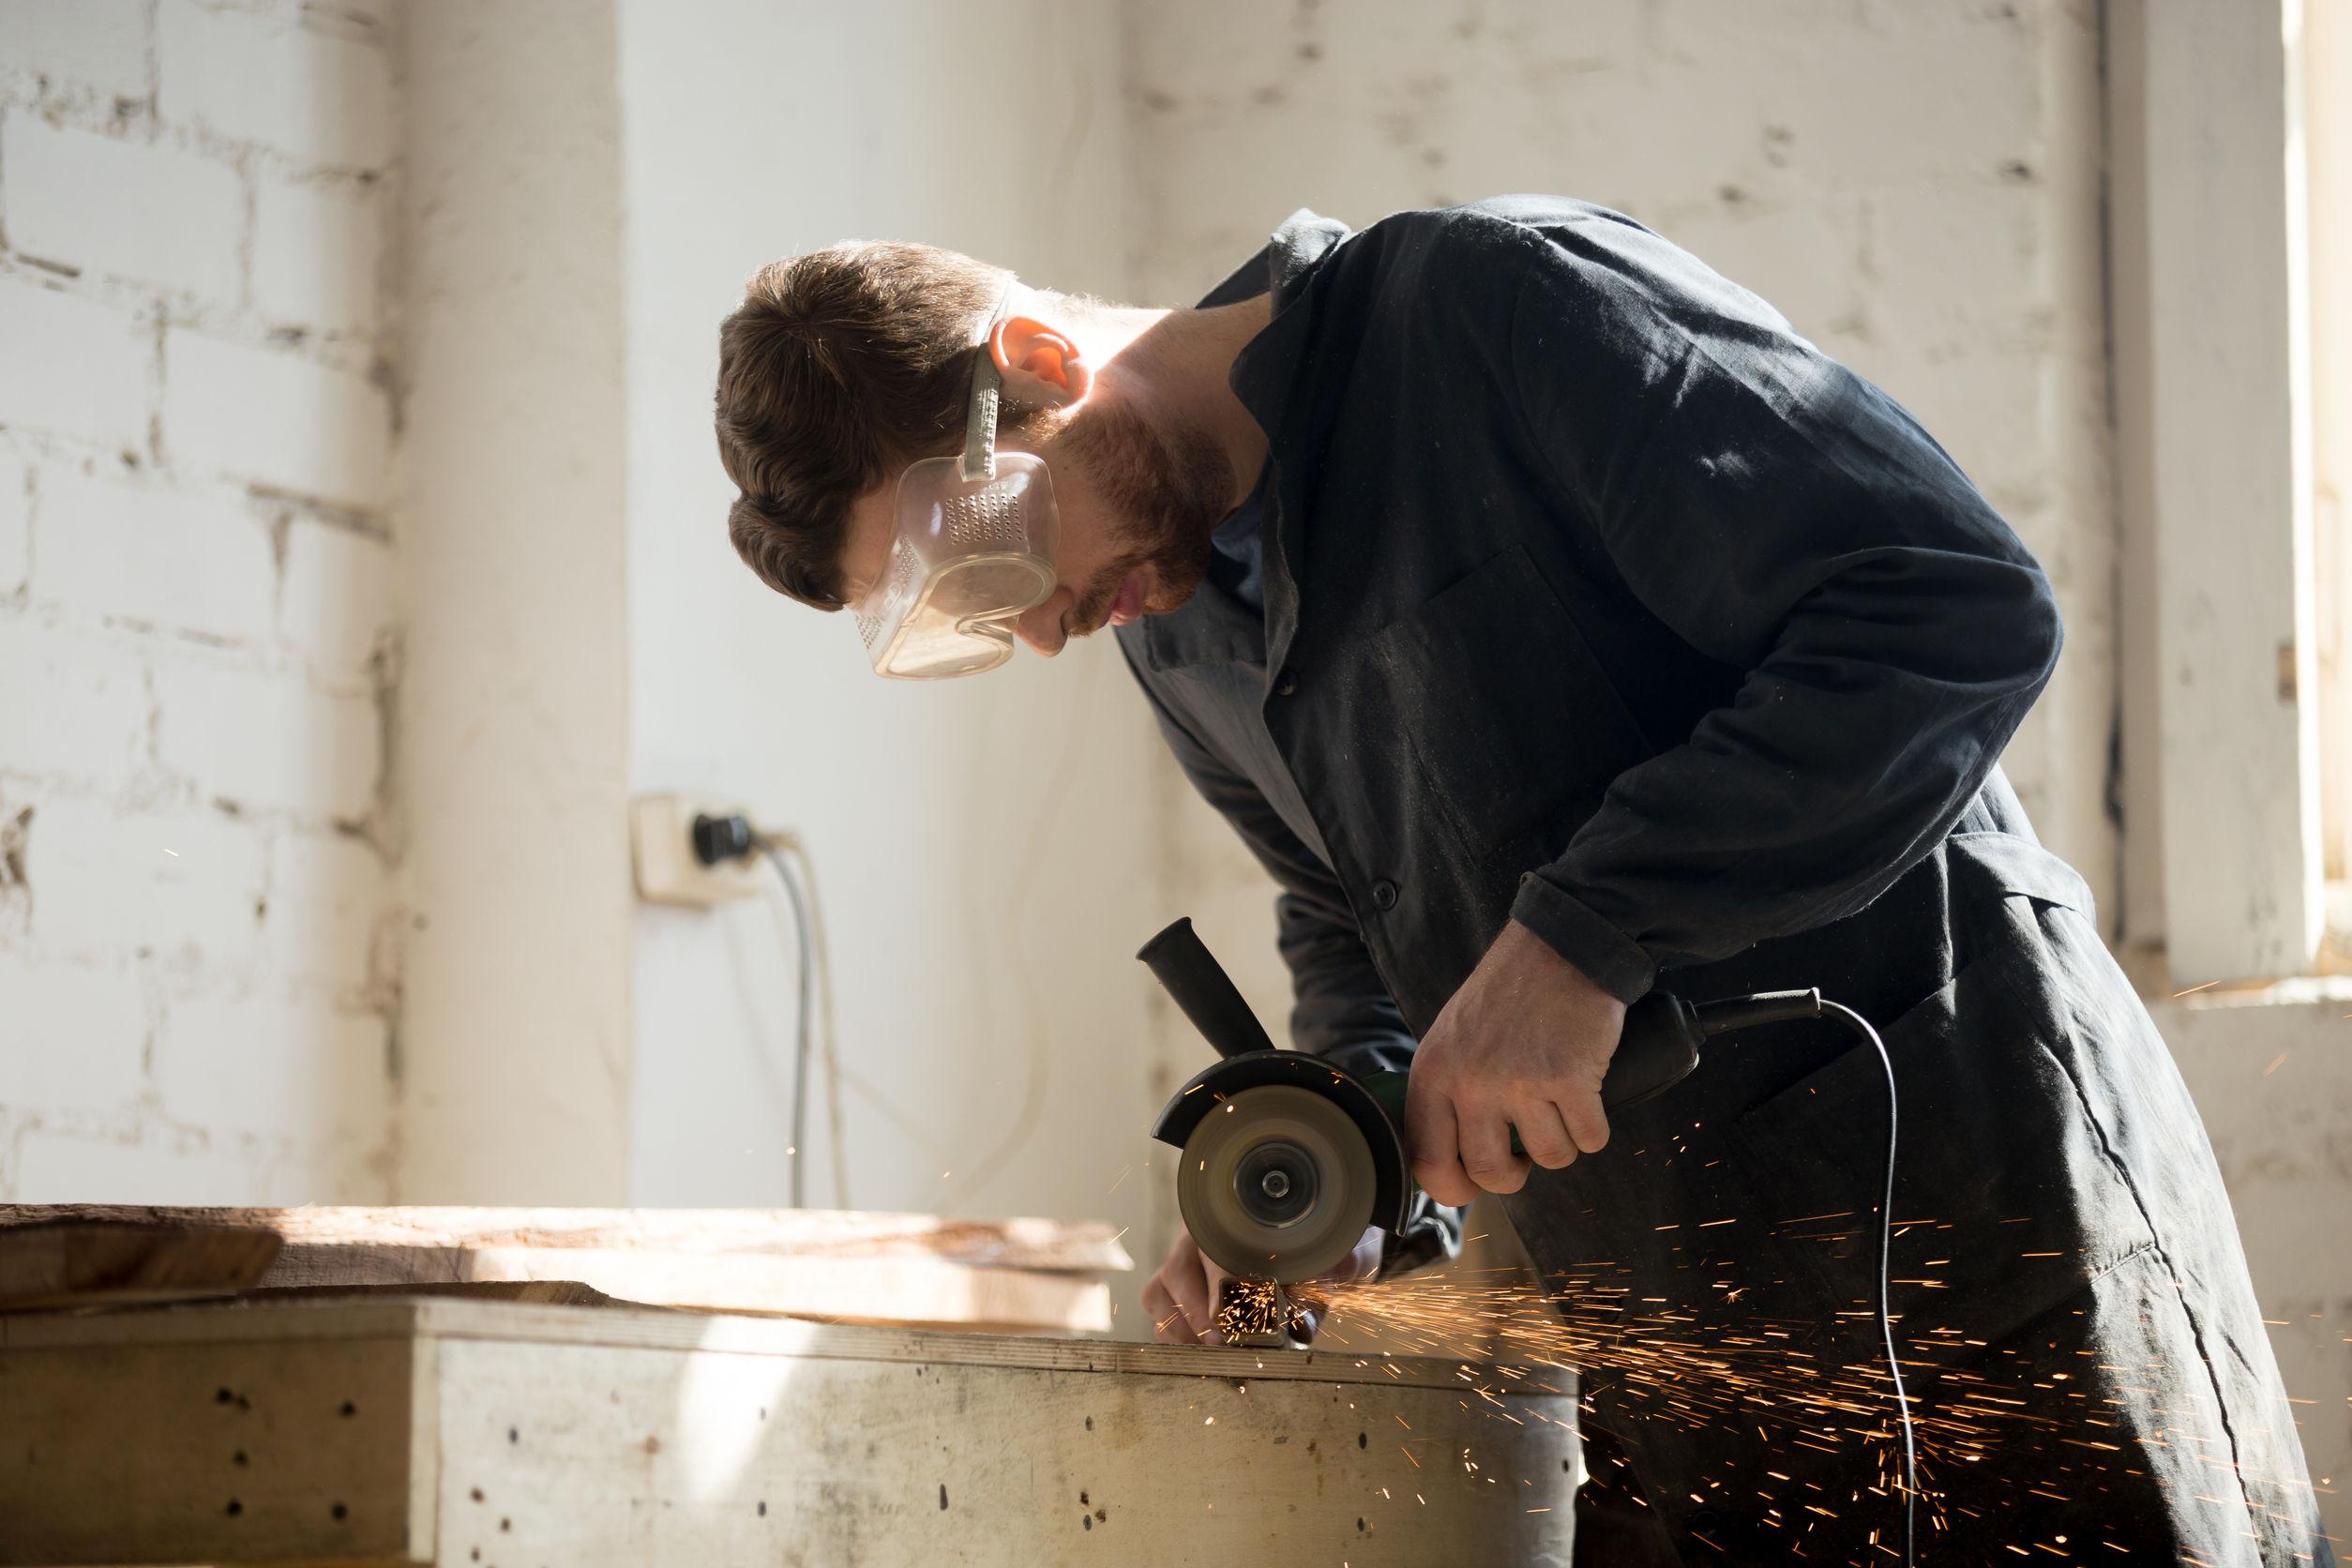 Imagem mostra um homem usando disco de corte para cortar metais.